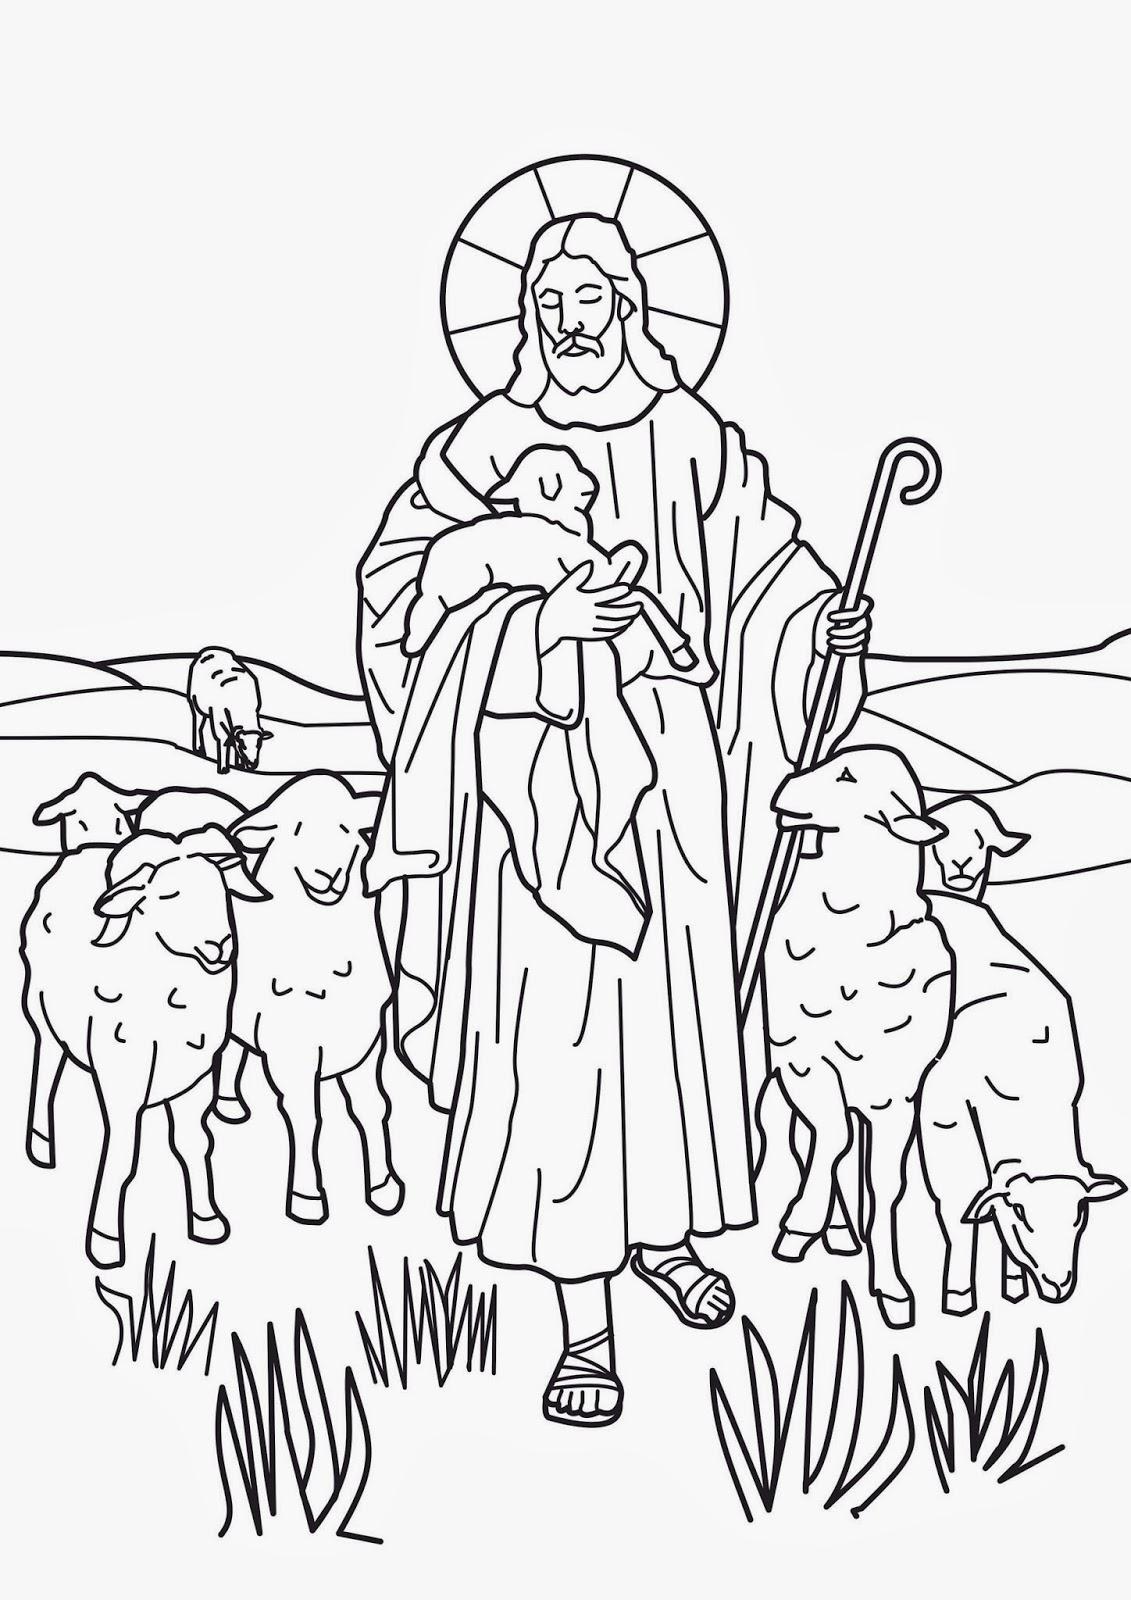 Imagenes Cristianas Para Colorear Dibujos Para Colorear De El Buen